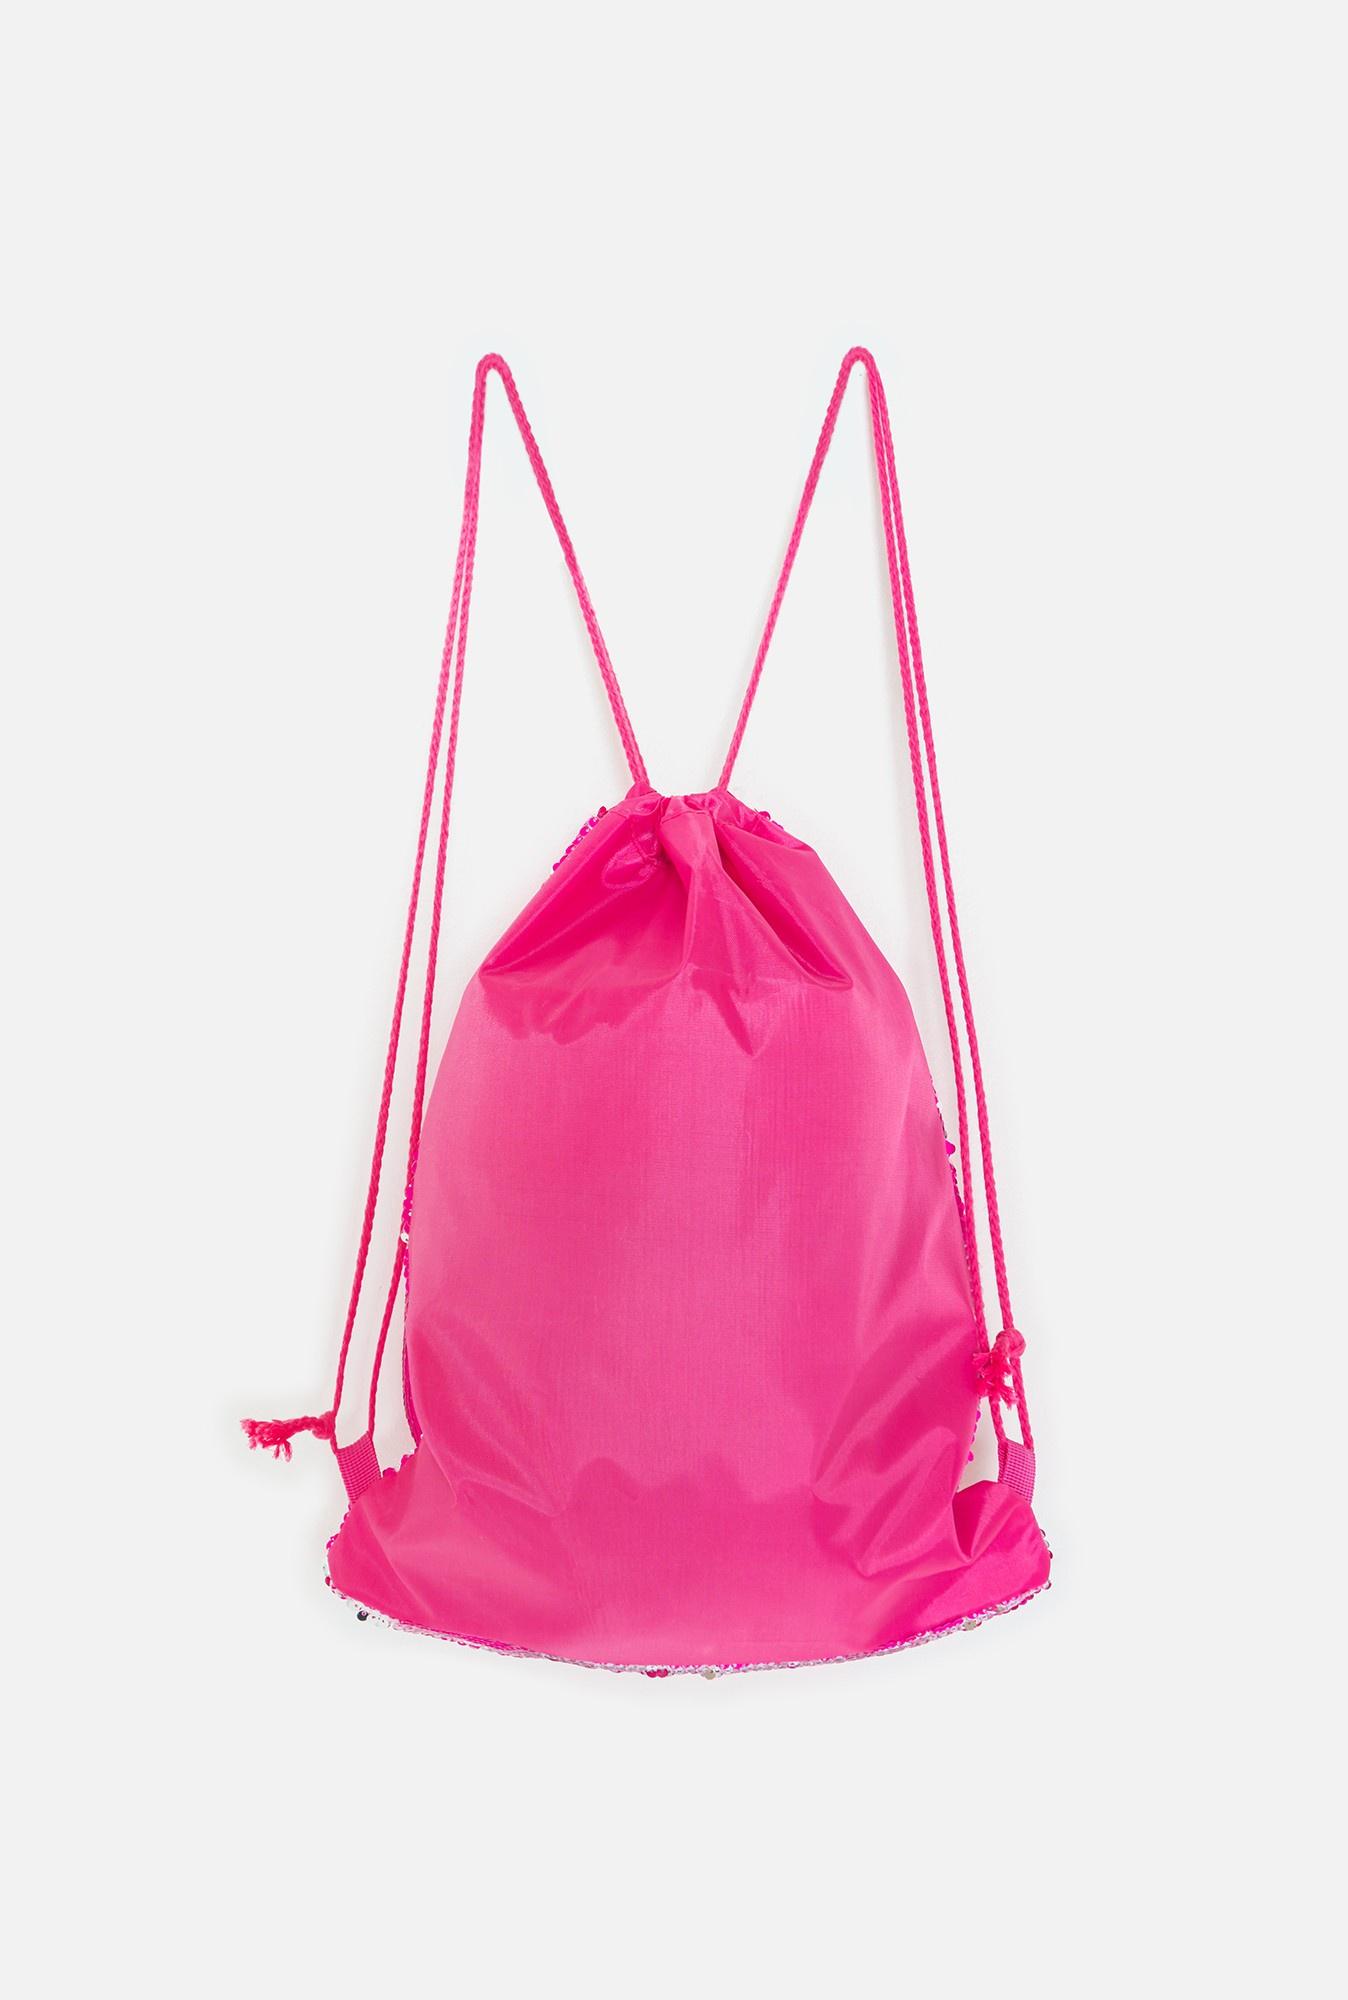 Рюкзак ACOOLA 20206100108_0039448, разноцветный рюкзак разноцветный roald